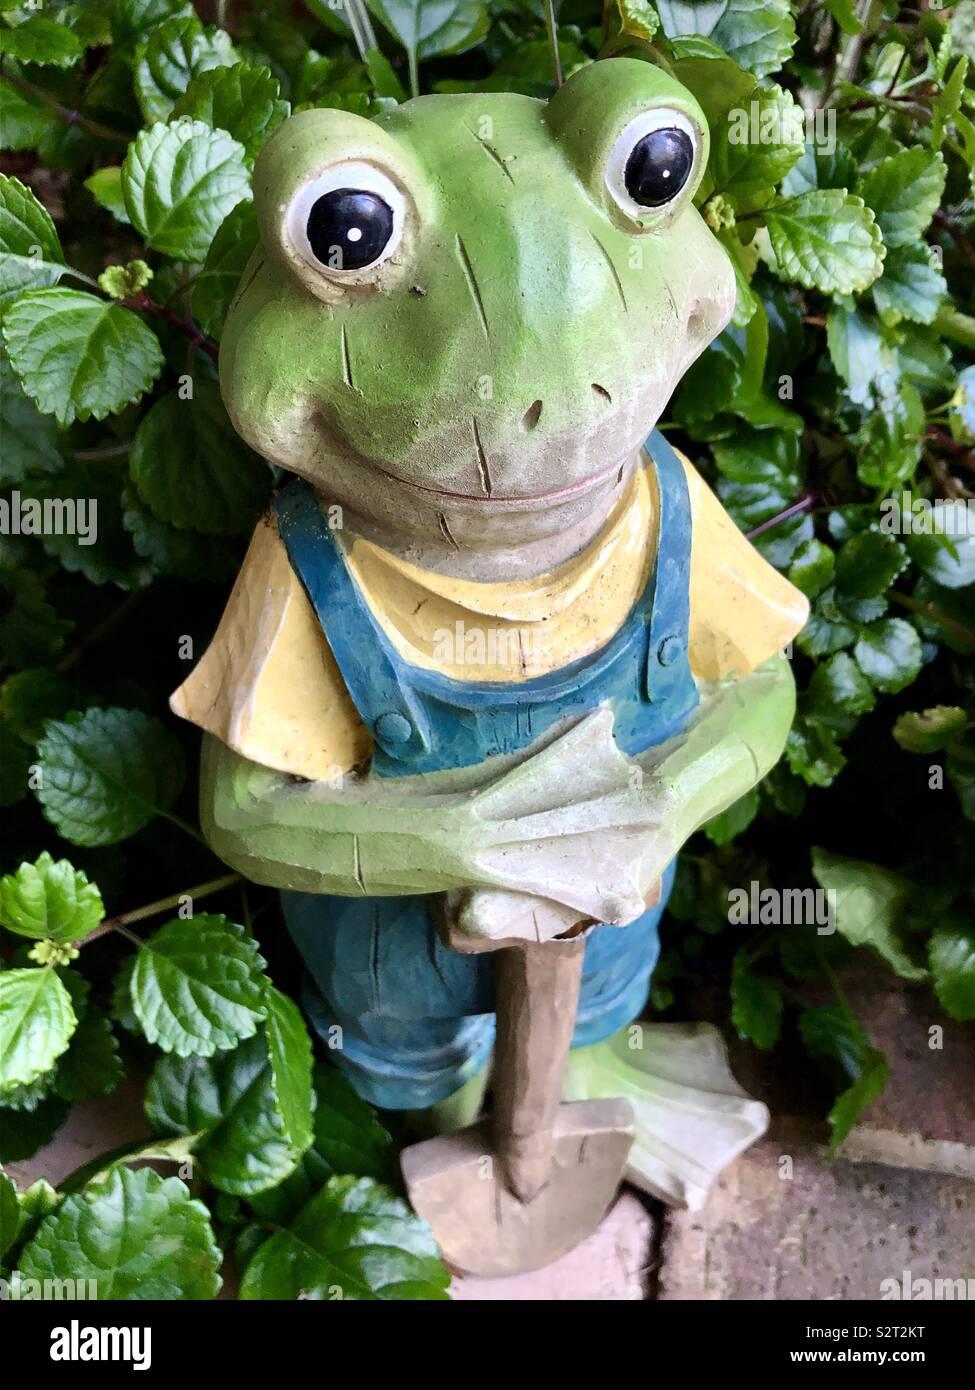 Statue grenouille verte habillé en salopette et chemise jaune avec une pelle dans la main prête pour journées de travail Photo Stock